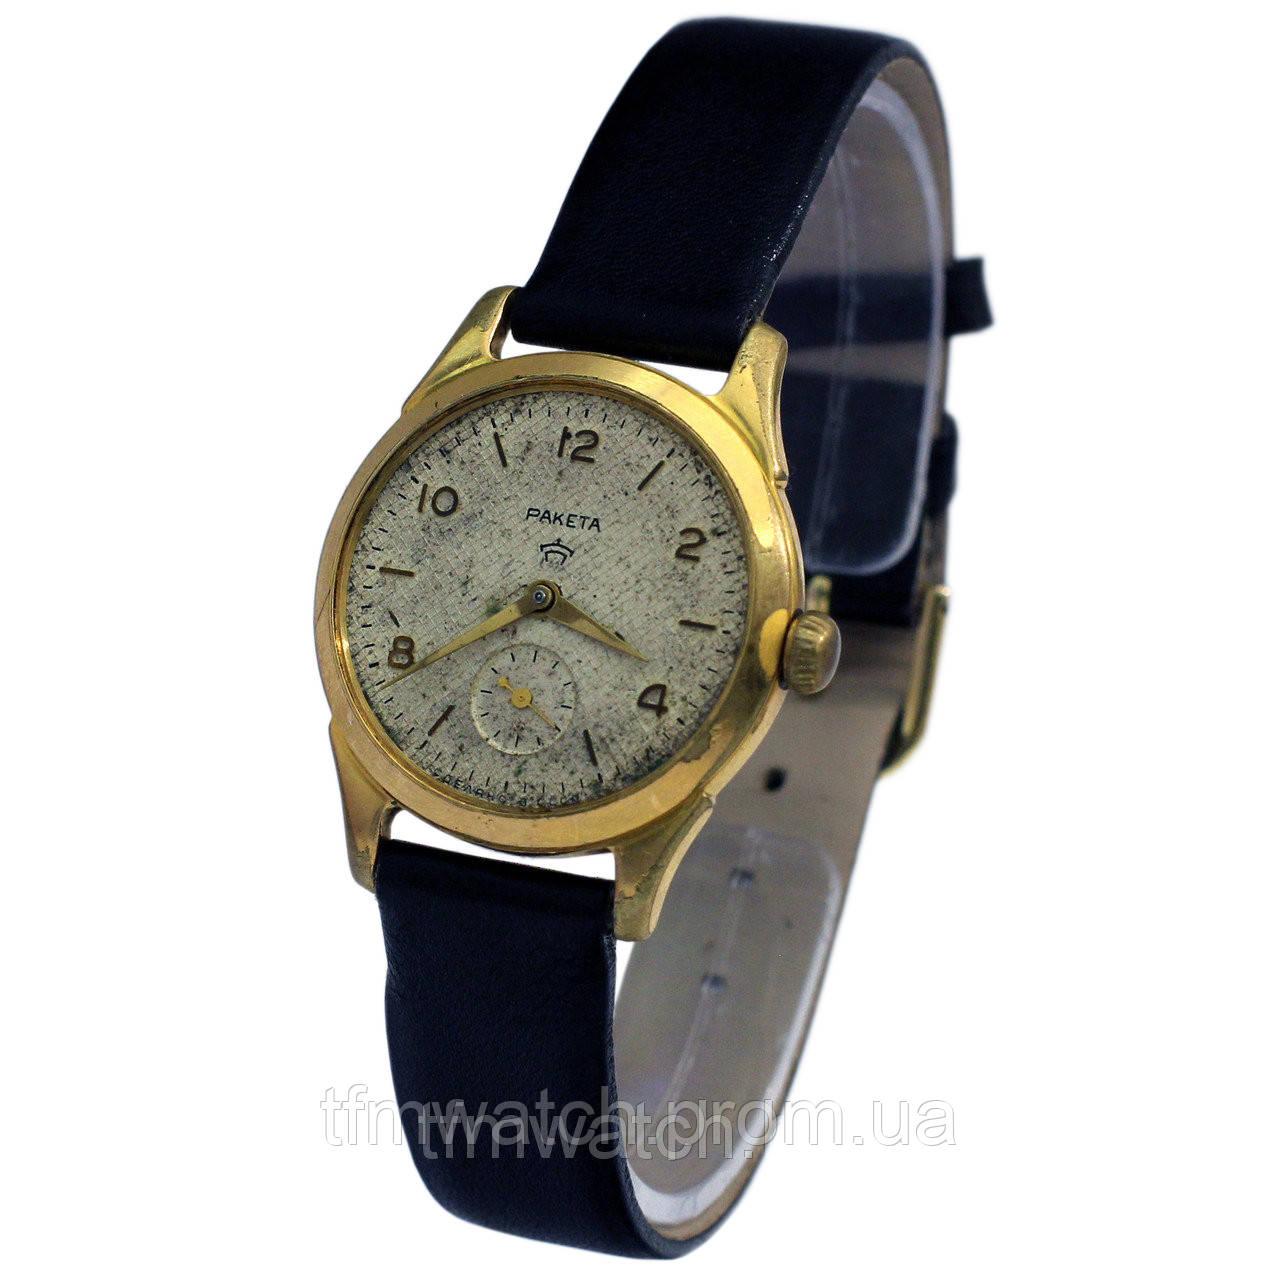 Продать старые часы ракета часов электроника стоимость